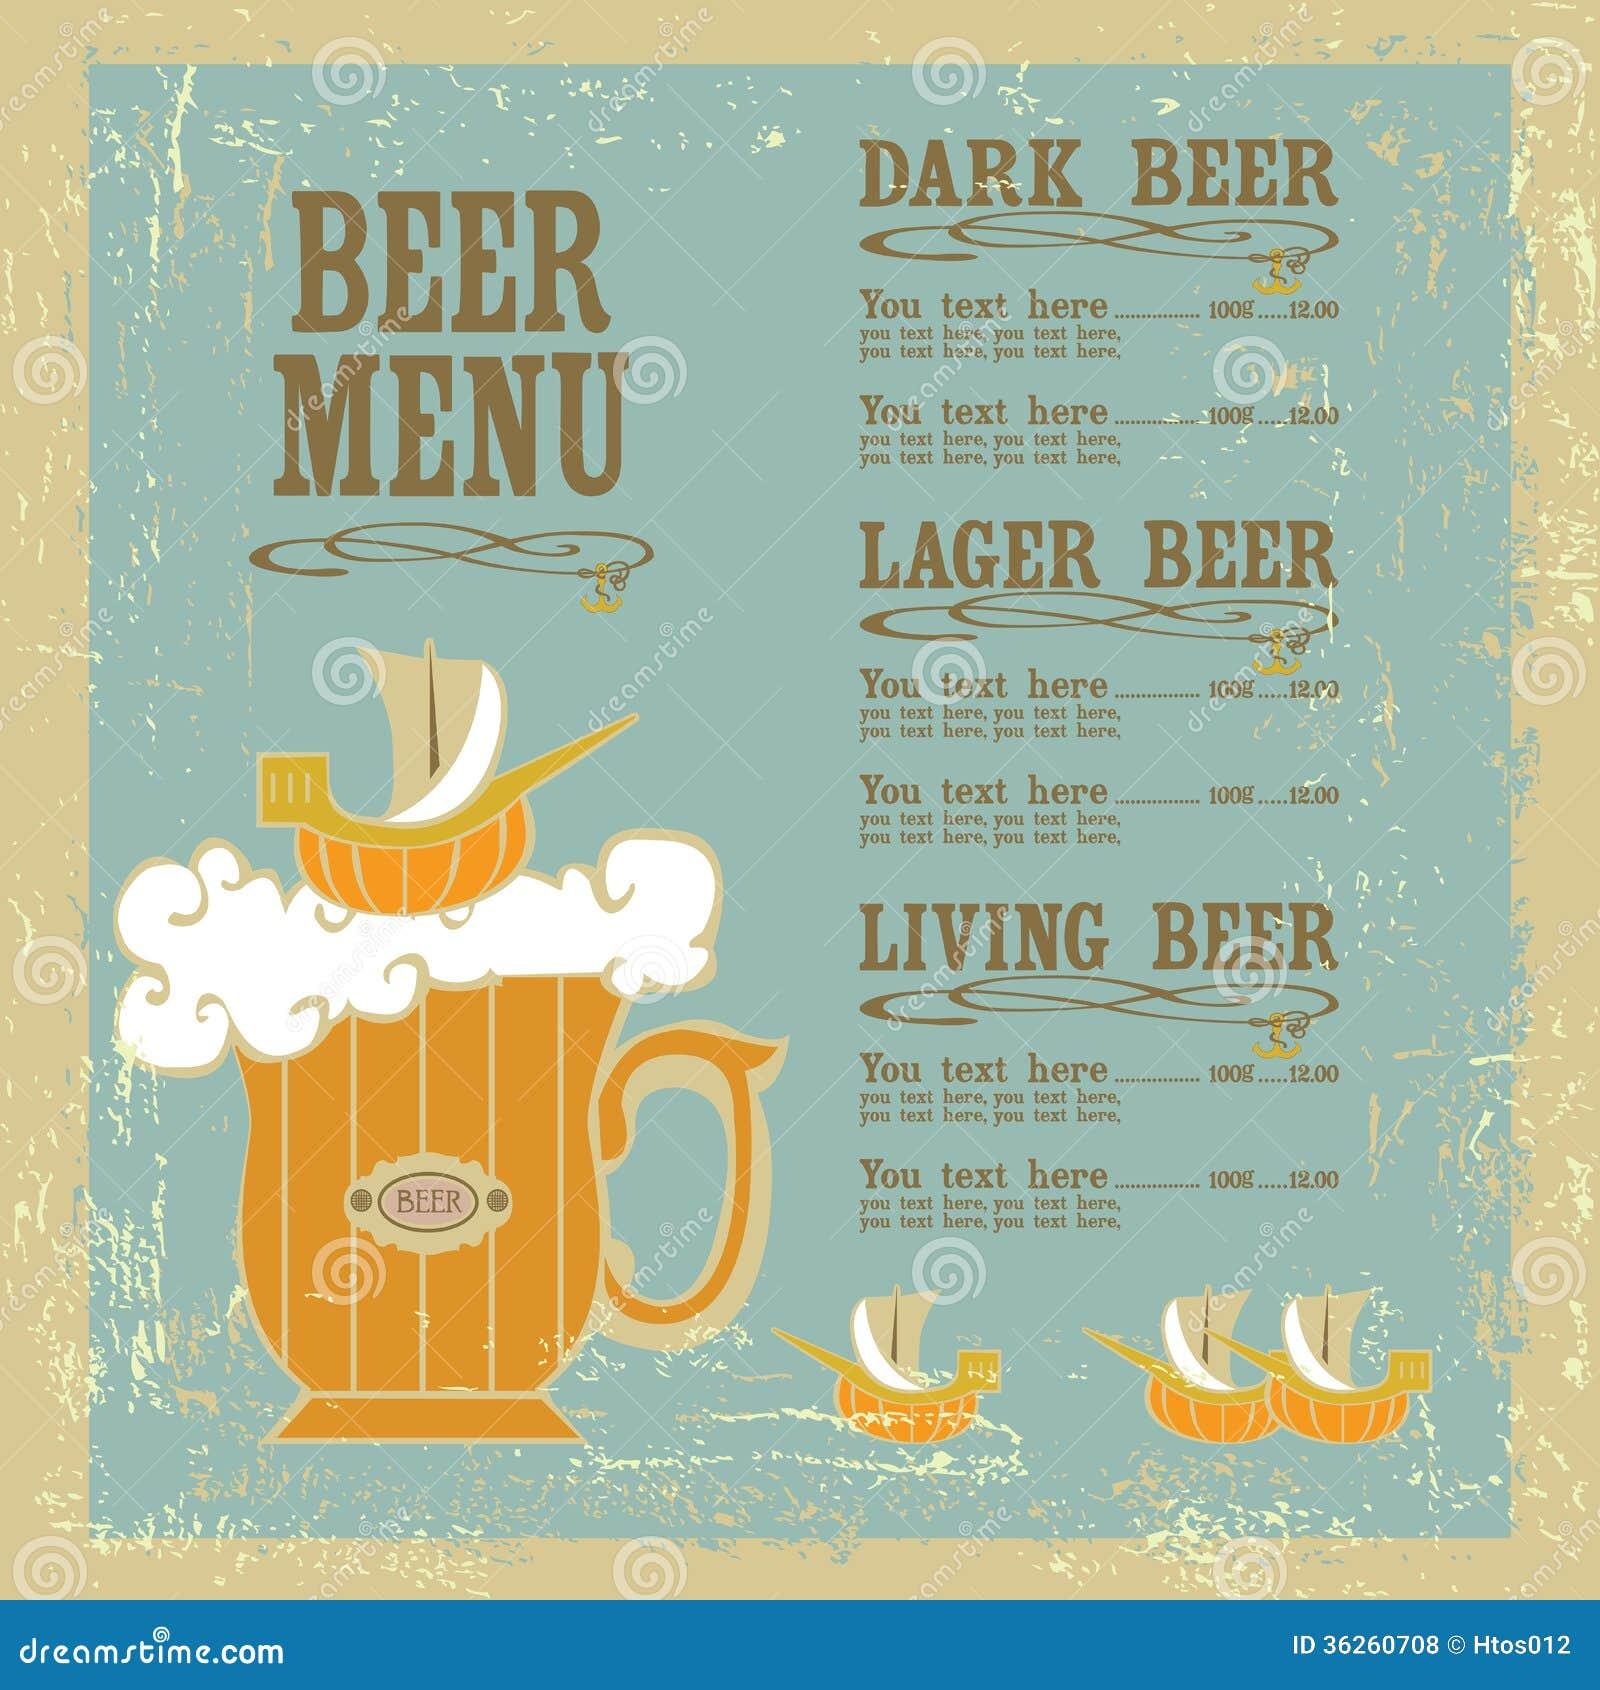 Beer Menu Royalty Free Photos Image 36260708 – Beer Menu